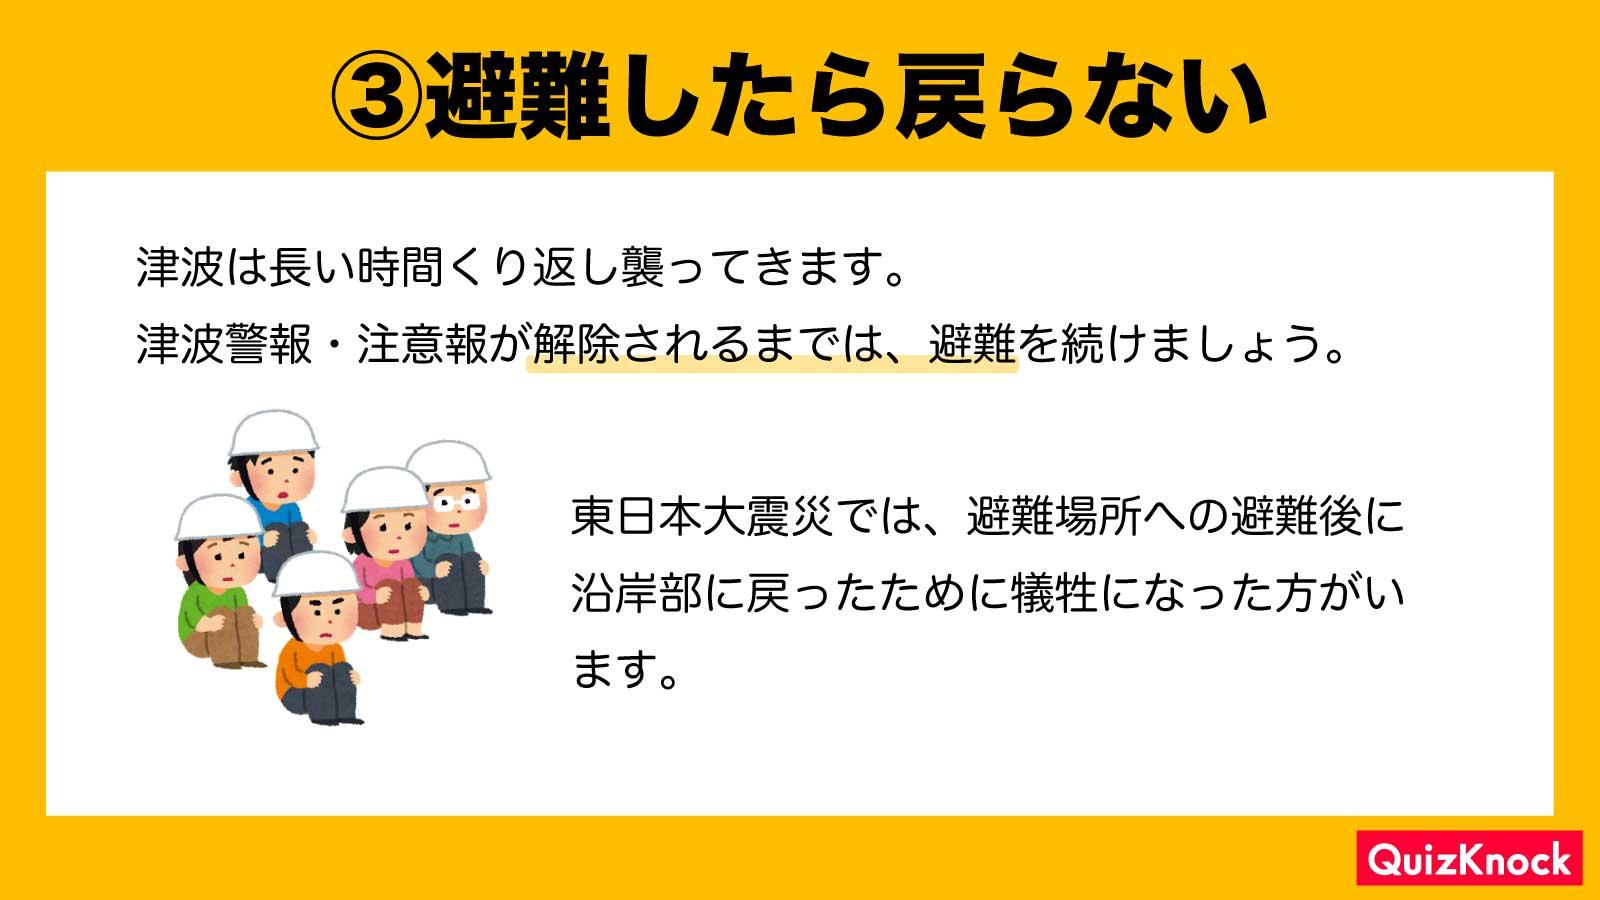 3)避難したら戻らないようにしましょう  津波は長い時間くり返し襲ってきます。津波警報・注意報が解除されるまでは、避難を続けましょう。東日本大震災では、避難場所への避難後に沿岸部に戻ったために犠牲になった方がいます。